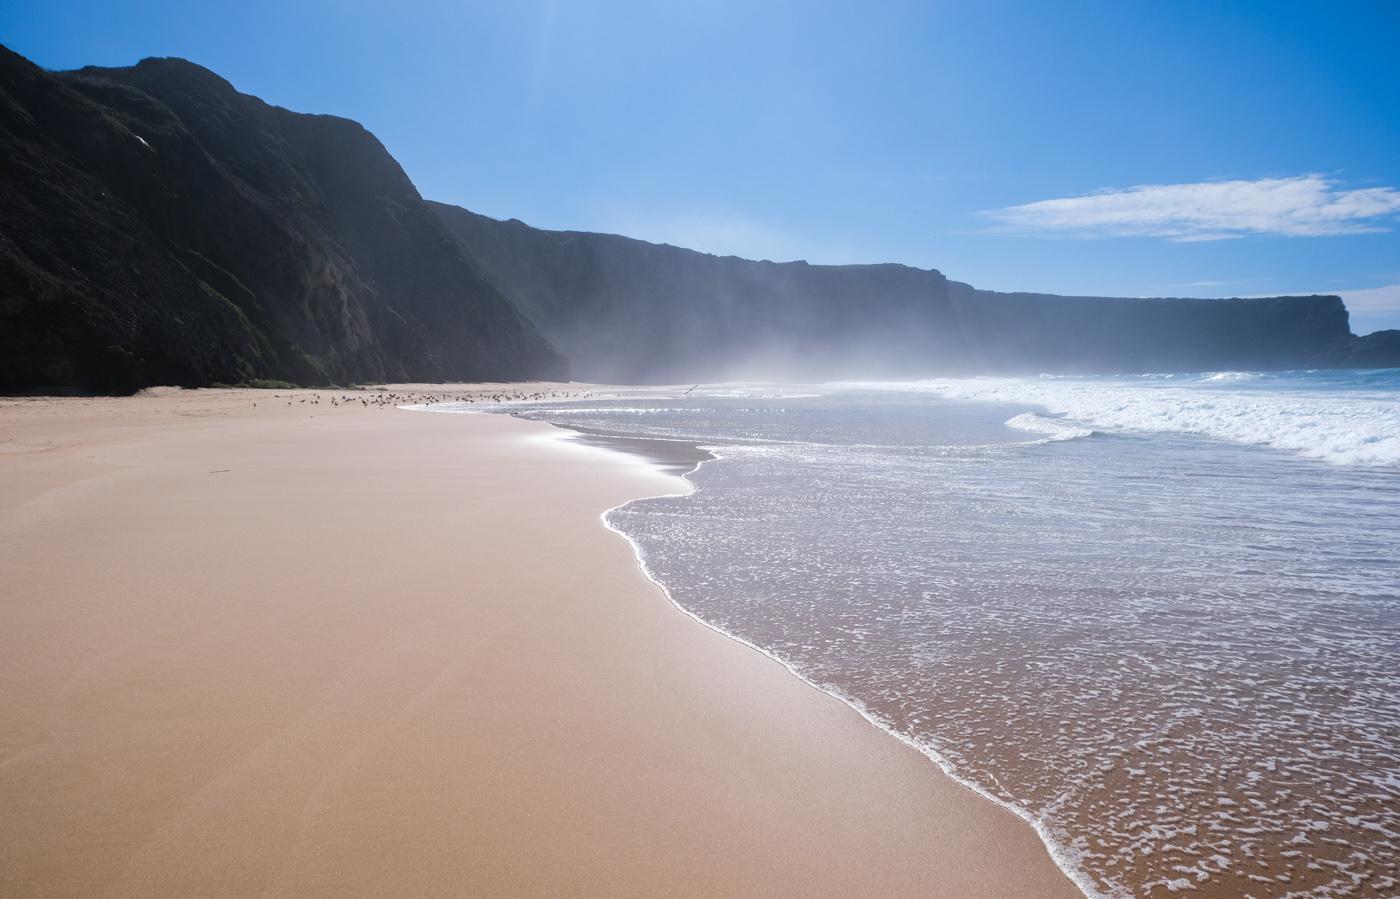 Rota Vicentina cammino a piedi Portogallo sentiero dei pescatori orizzonte